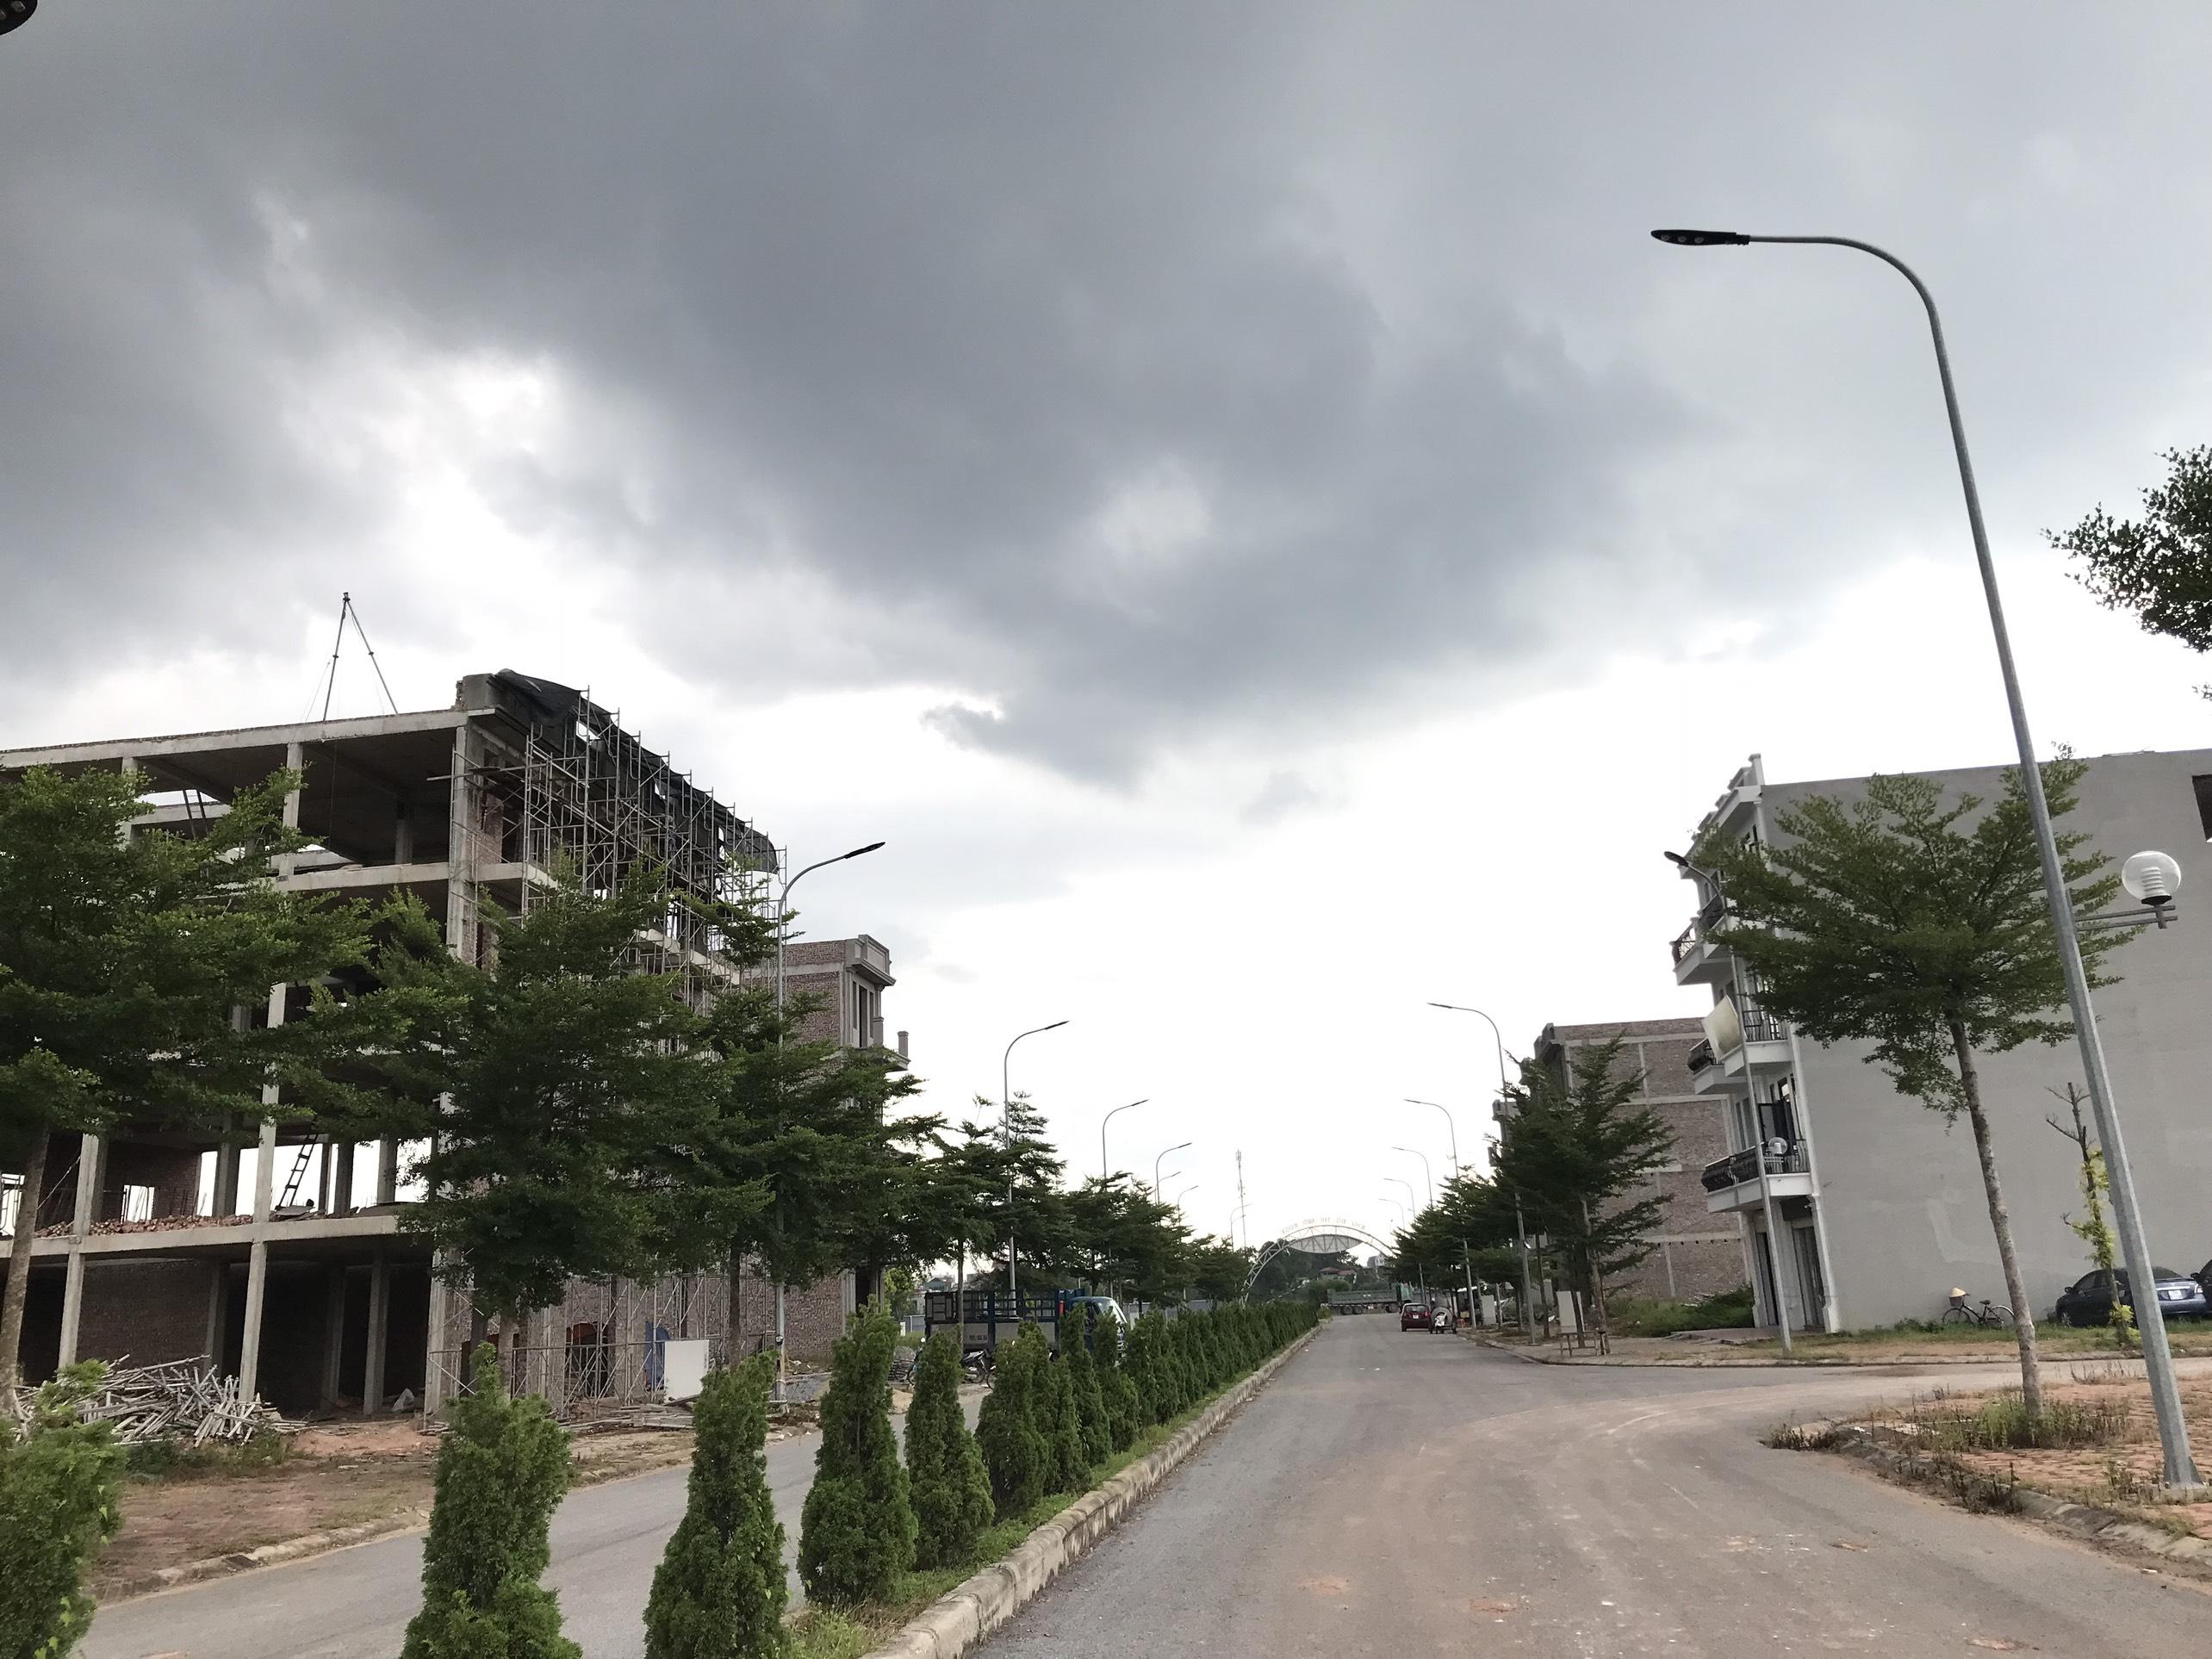 Cần bán Đất nền dự án Phường Xương Giang, Bắc Giang, Diện tích 90m², Giá 1.8 Tỷ